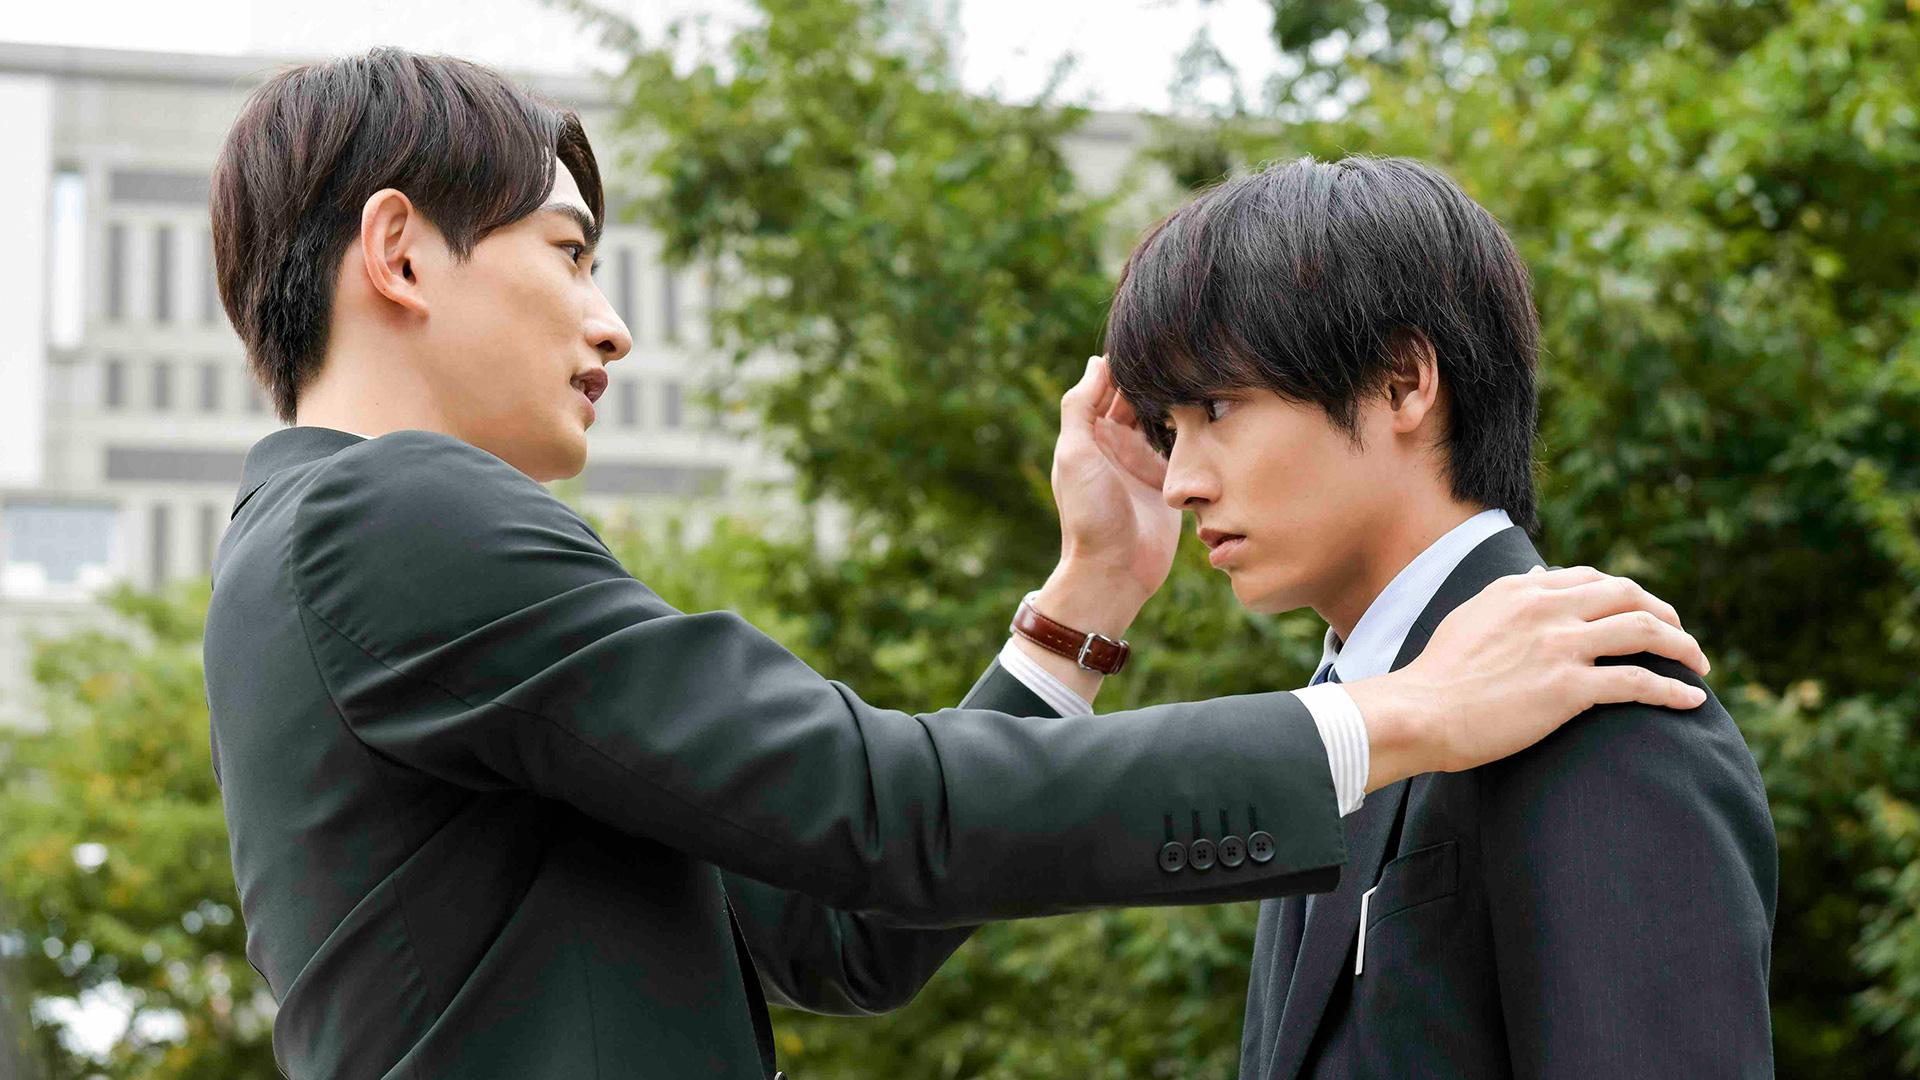 TVドラマ「チェリまほ」Blu-ray BOX発売決定!メイキングやスピンオフドラマ・ブックレットなど特典充実